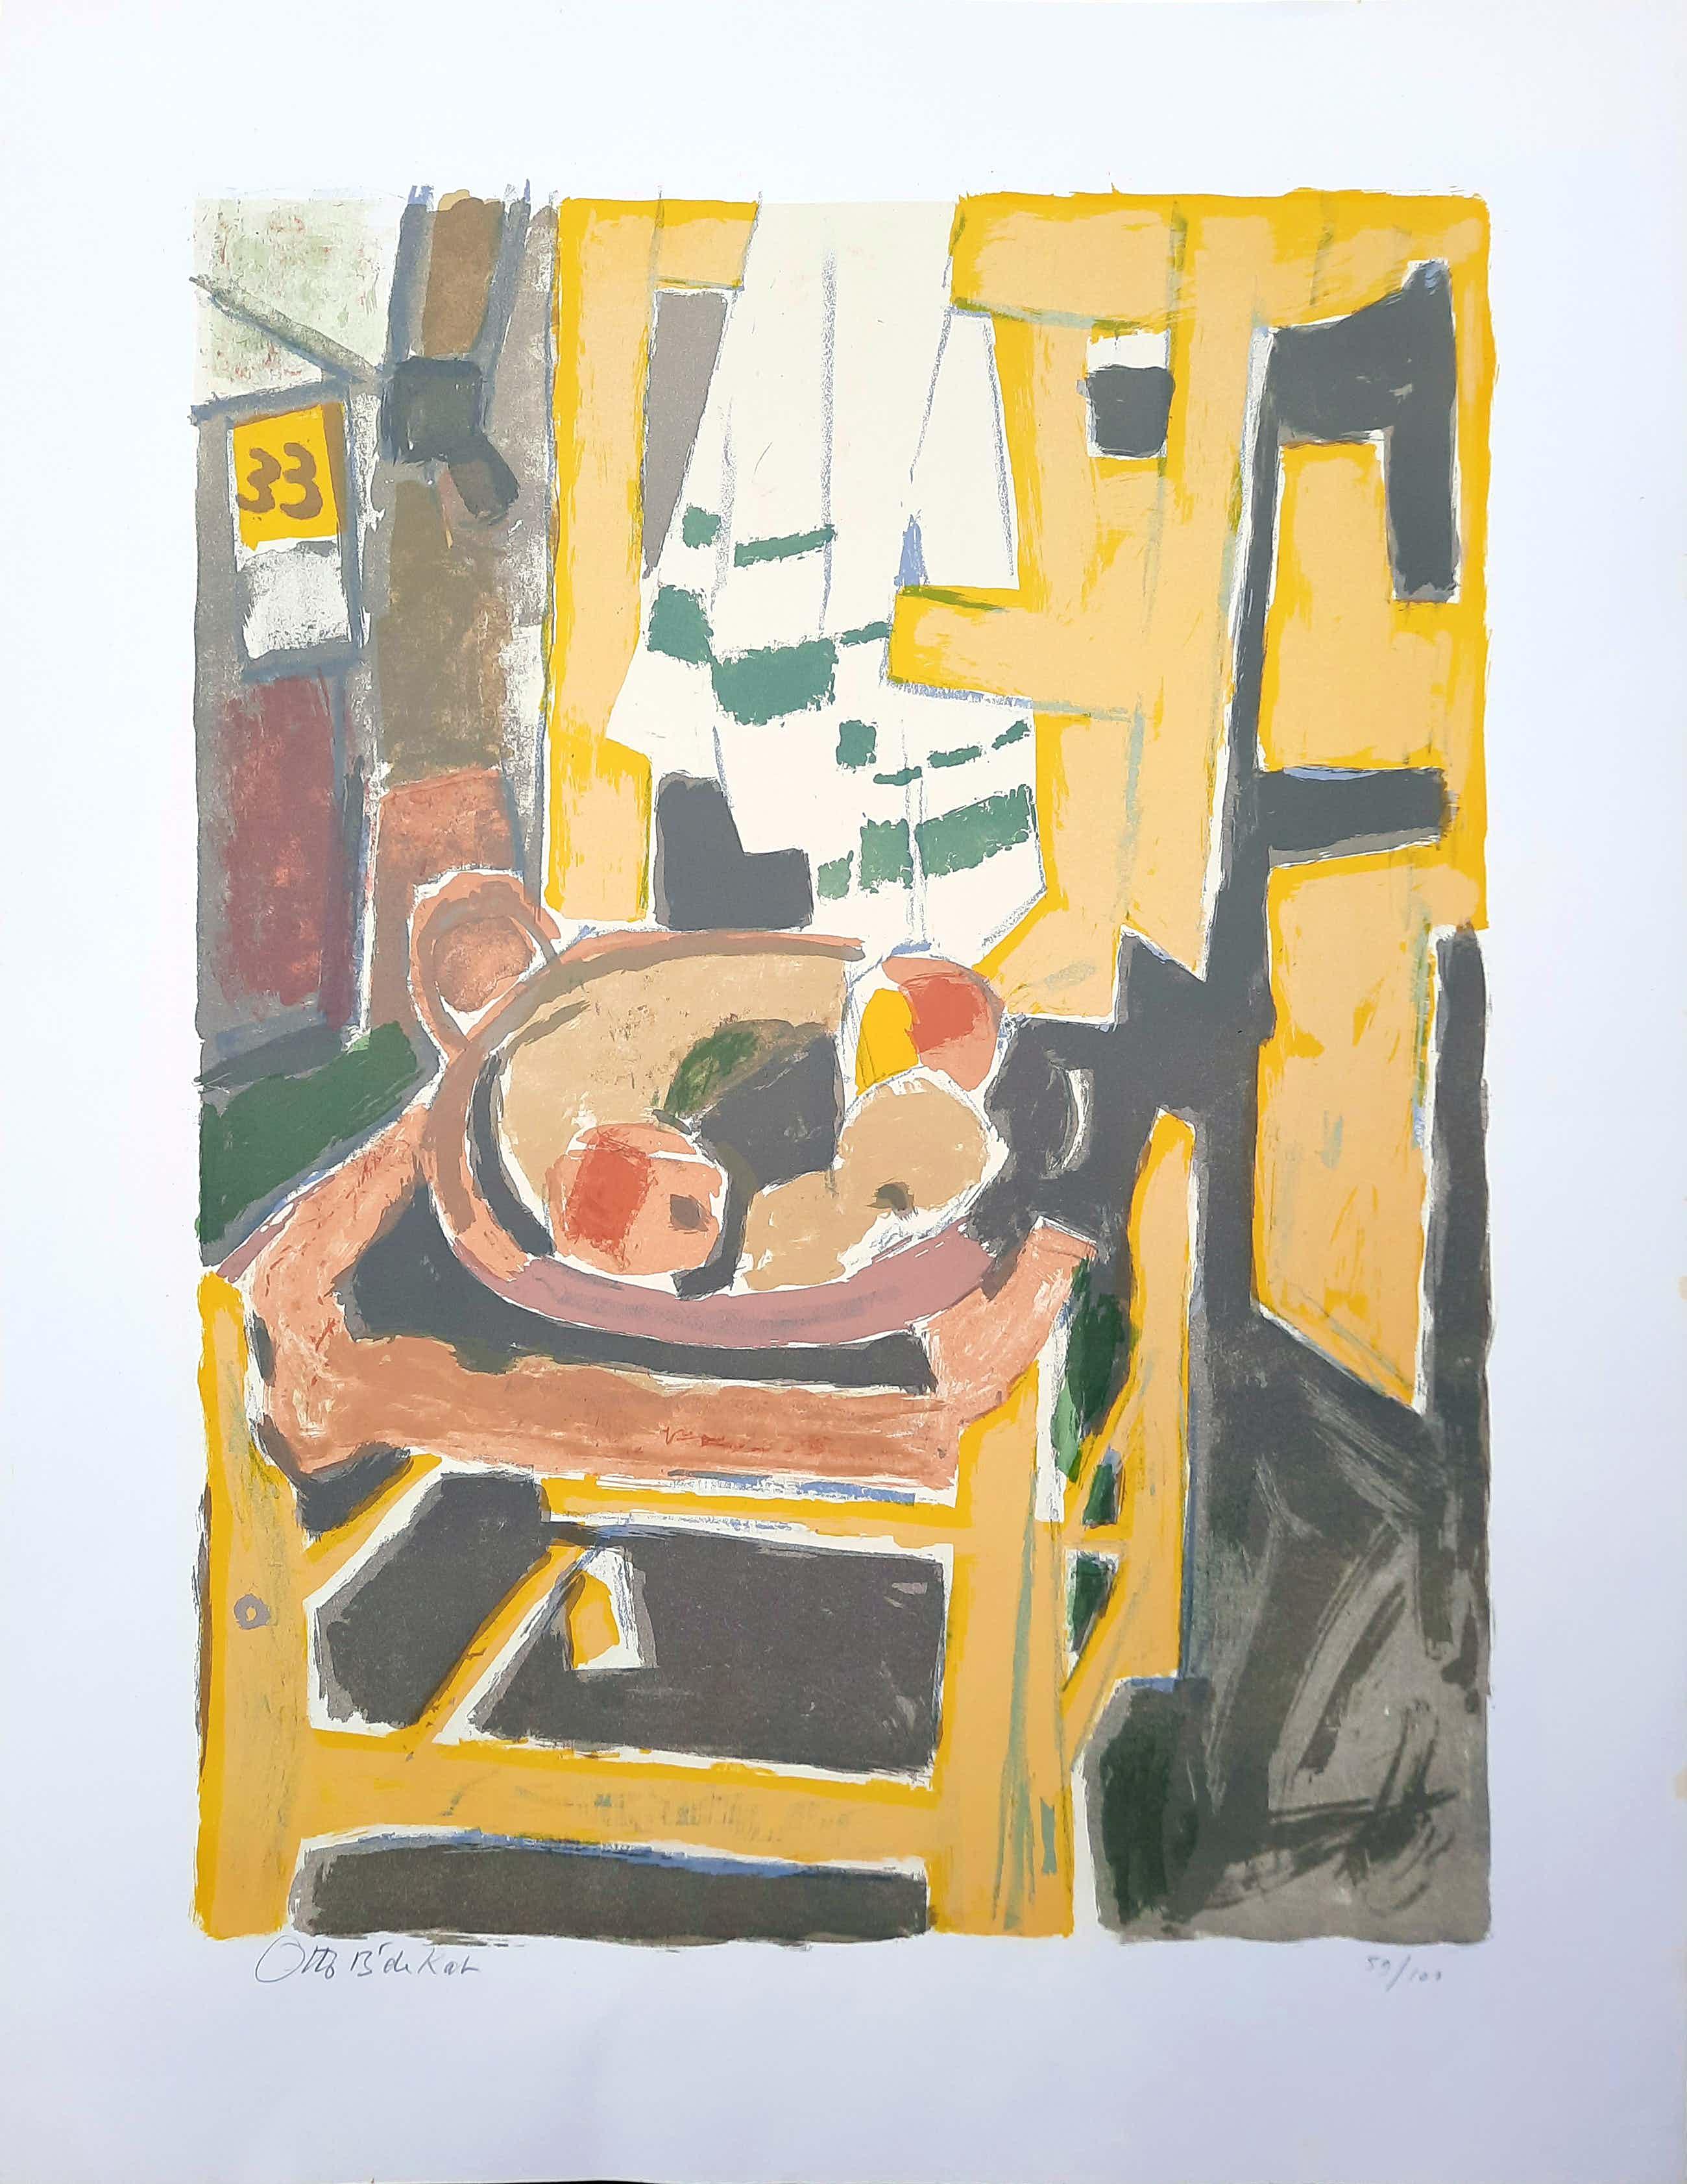 Otto B. de Kat - steendruk - Het gele stoeltje 59/101 - 21527 kopen? Bied vanaf 145!